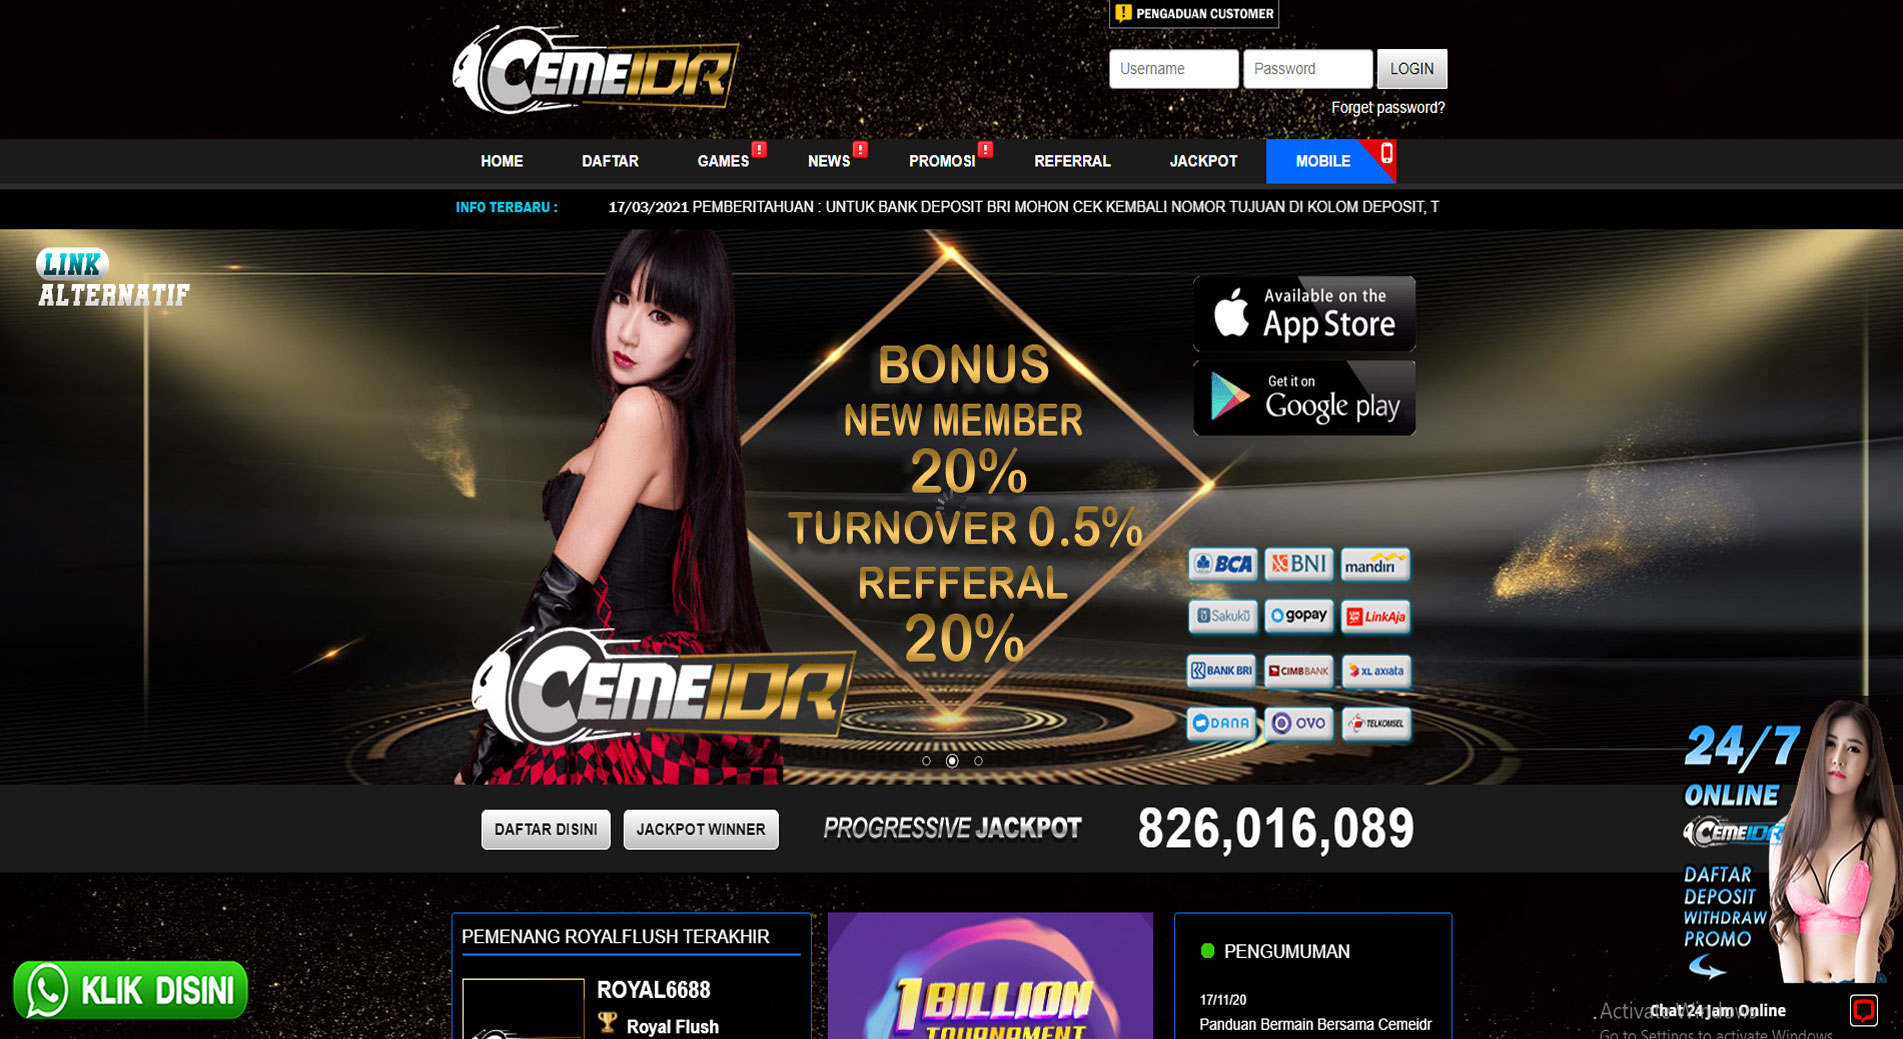 situs judi idn poker cemeidr online terpercaya, terbaik, teraman dan populer